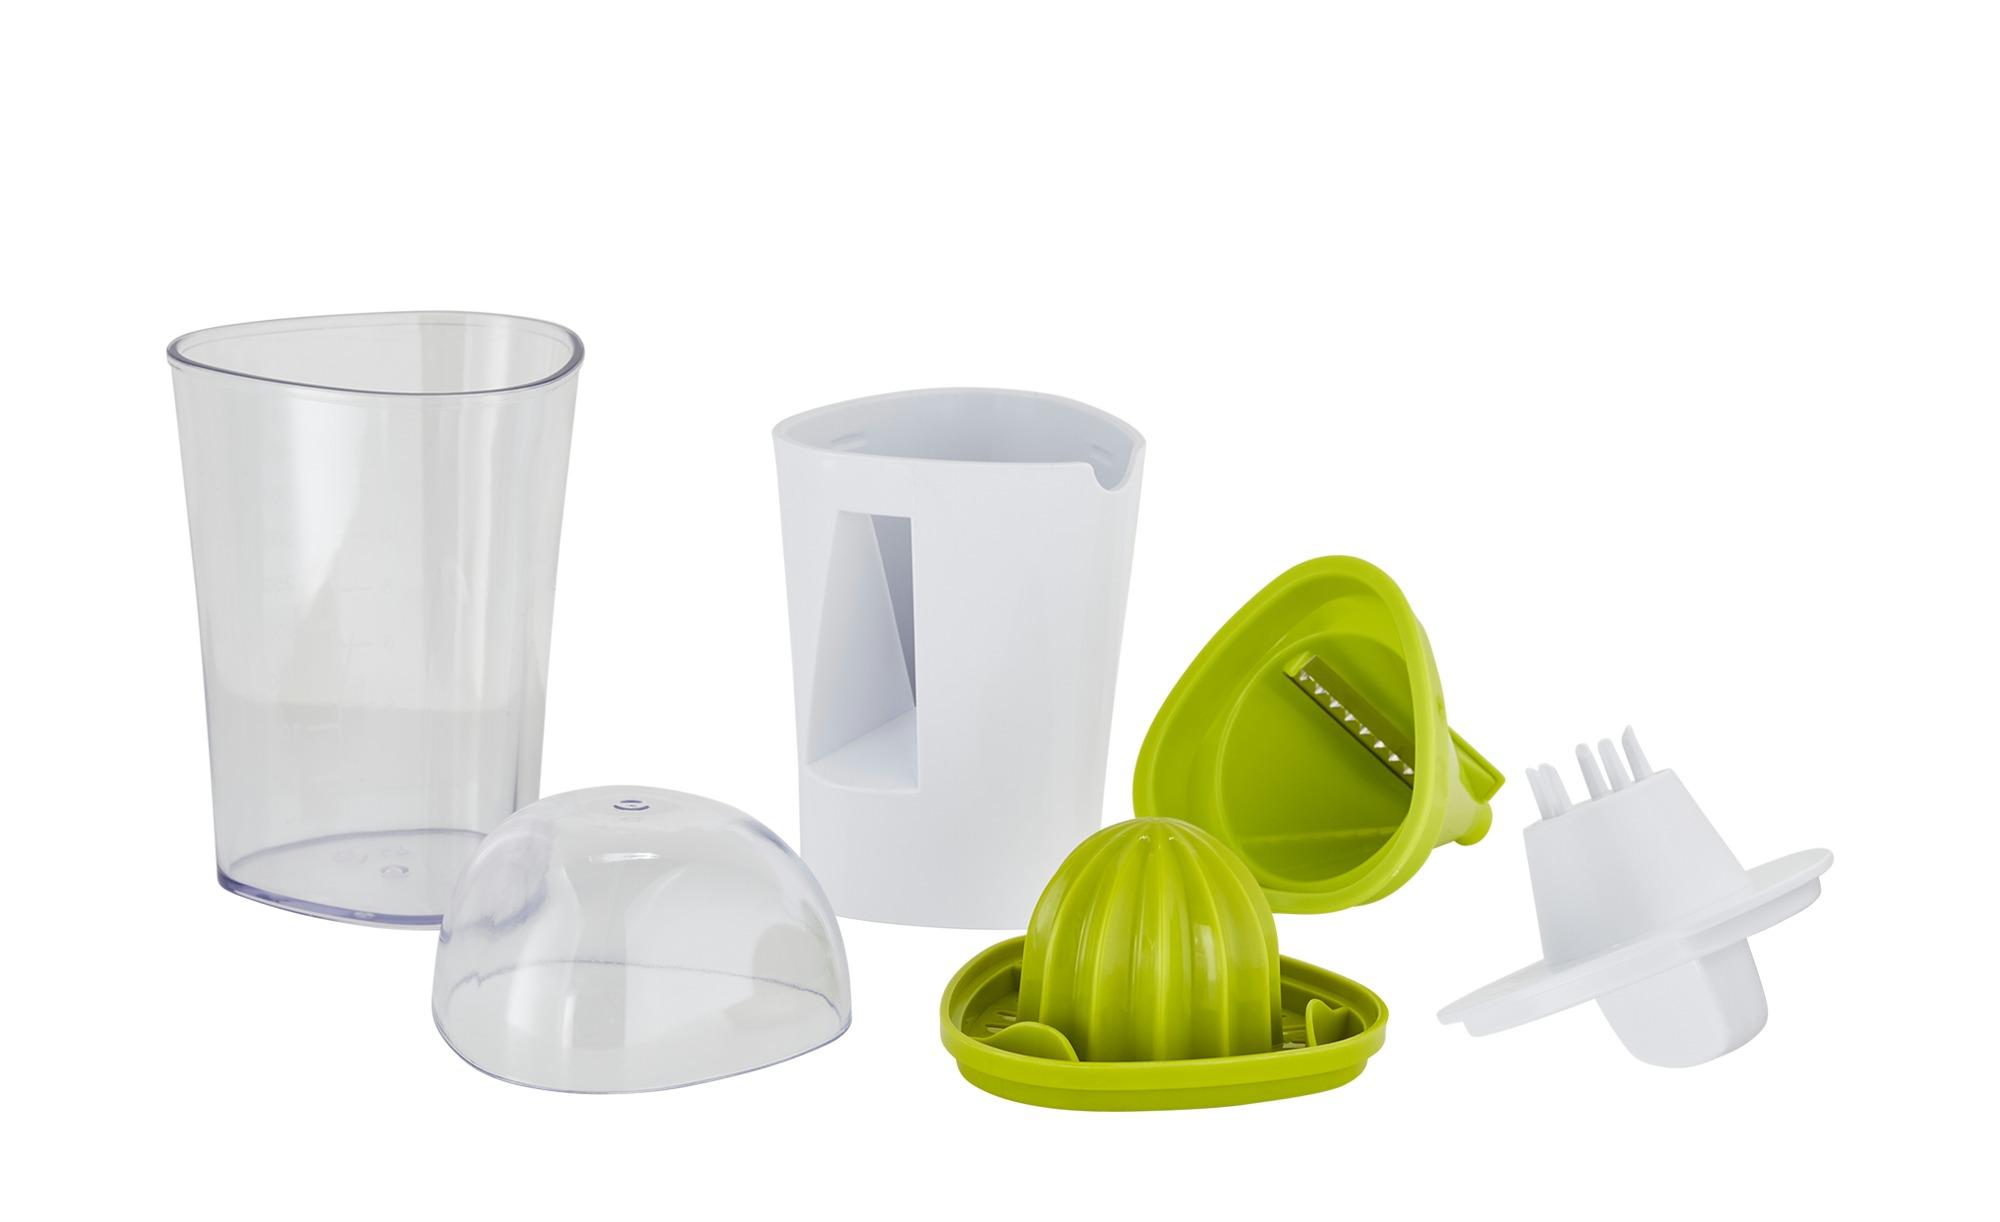 KHG 2in1 Saftpresse/Gemüseschneider - grün - Kunststoff - 9,8 cm - 9,7 cm - günstig online kaufen